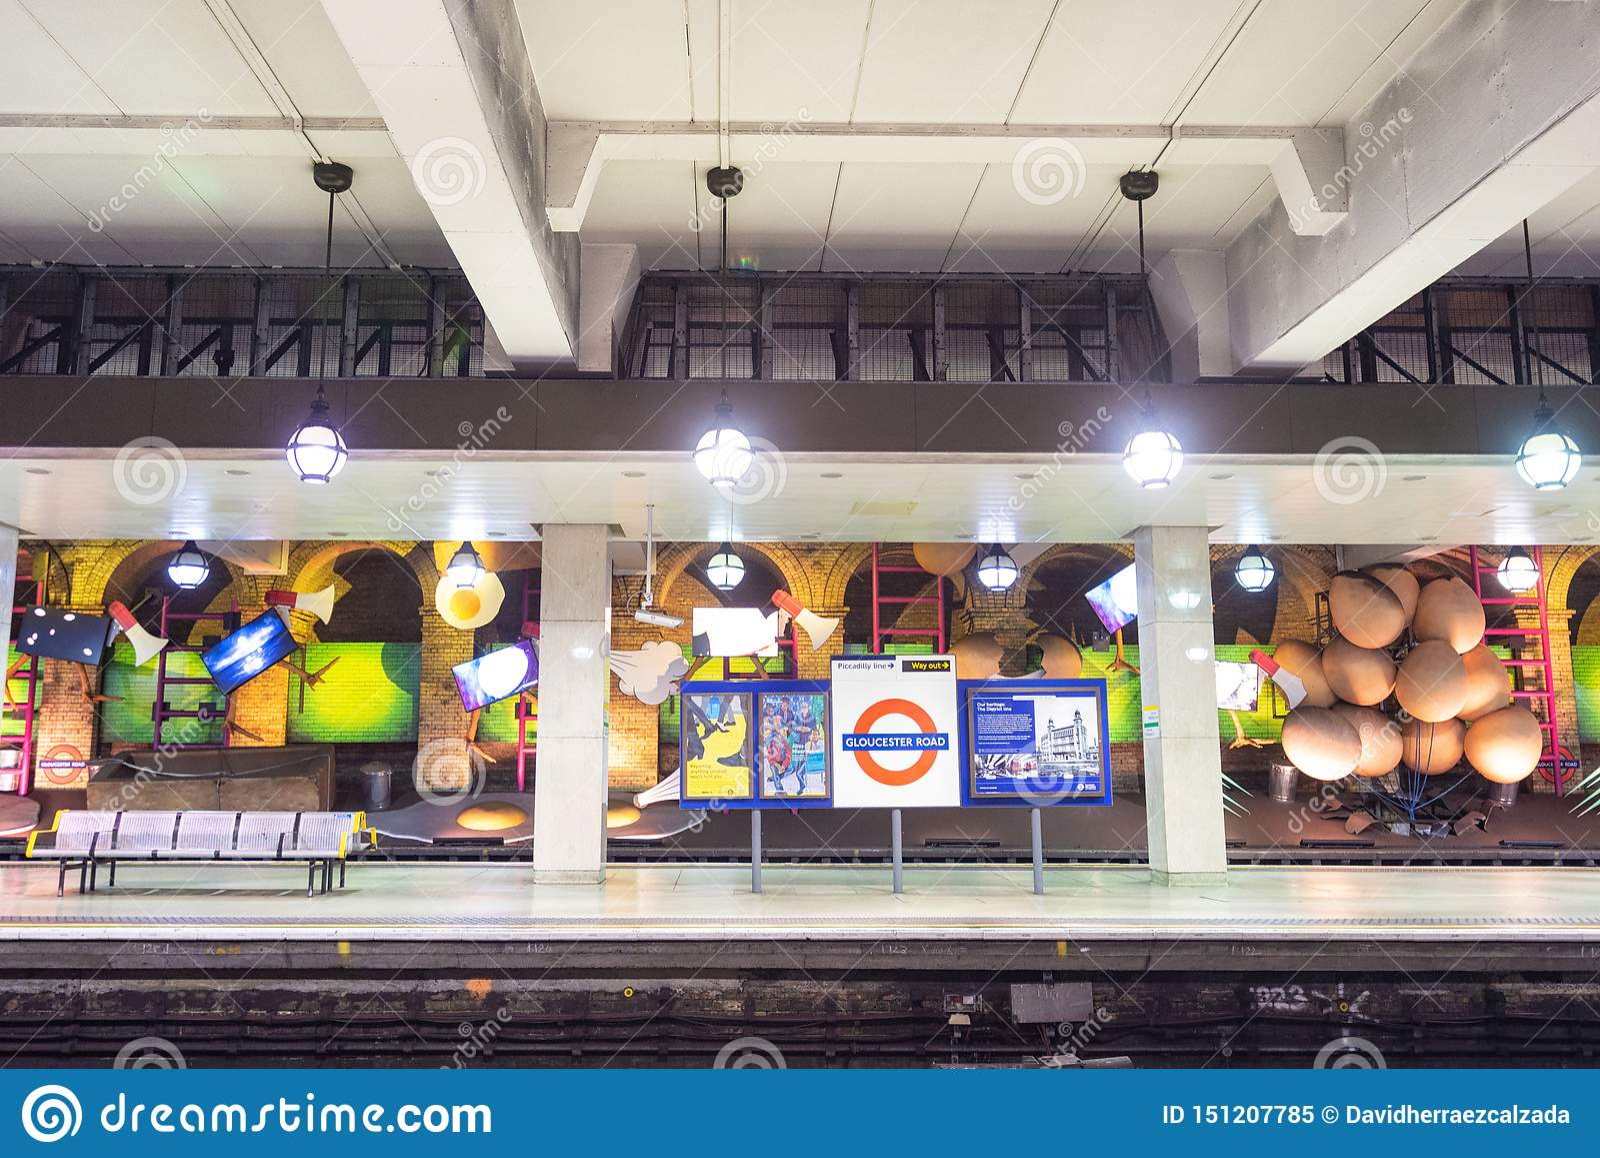 伦敦,英国- 2019年5月13日:告士打道的著名伦敦地铁驻地